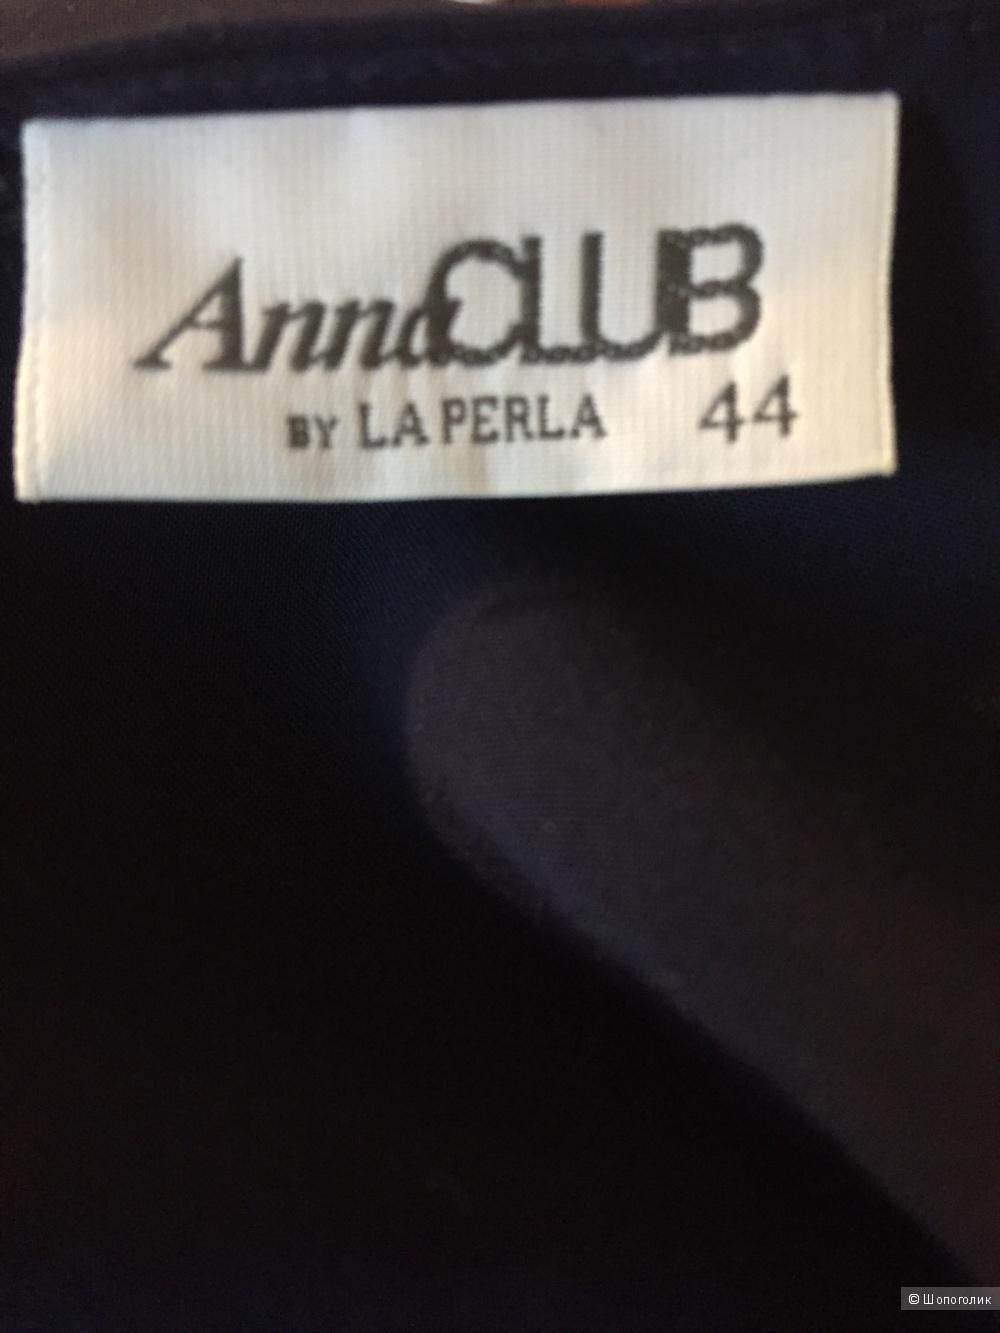 Сарафан в морском стиле от Anna Club by La Perla 44it